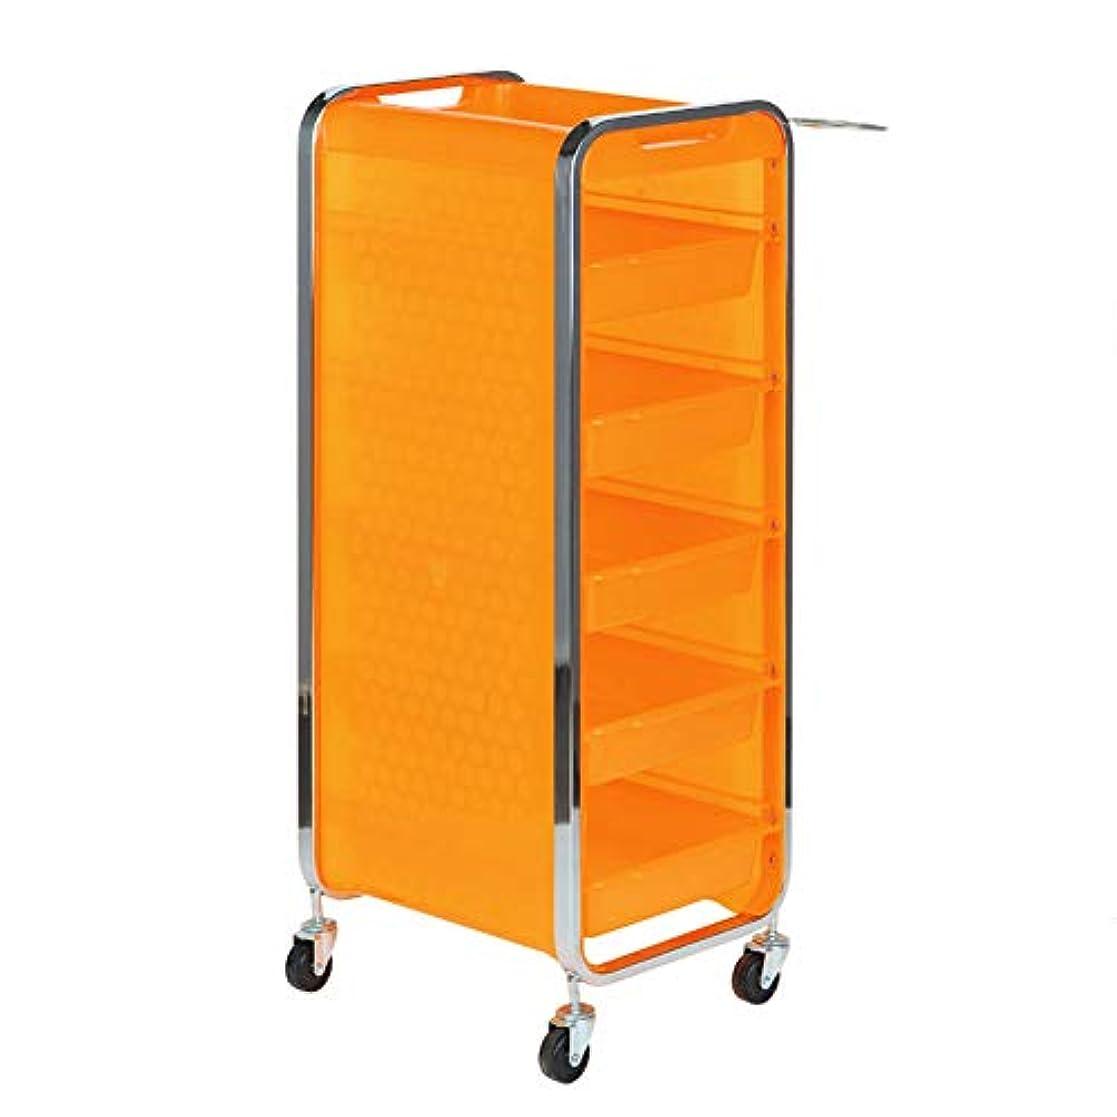 見せますあなたのもの視力サロン美容院トロリー美容美容収納カート6層トレイ多機能引き出し虹色,Orange,A